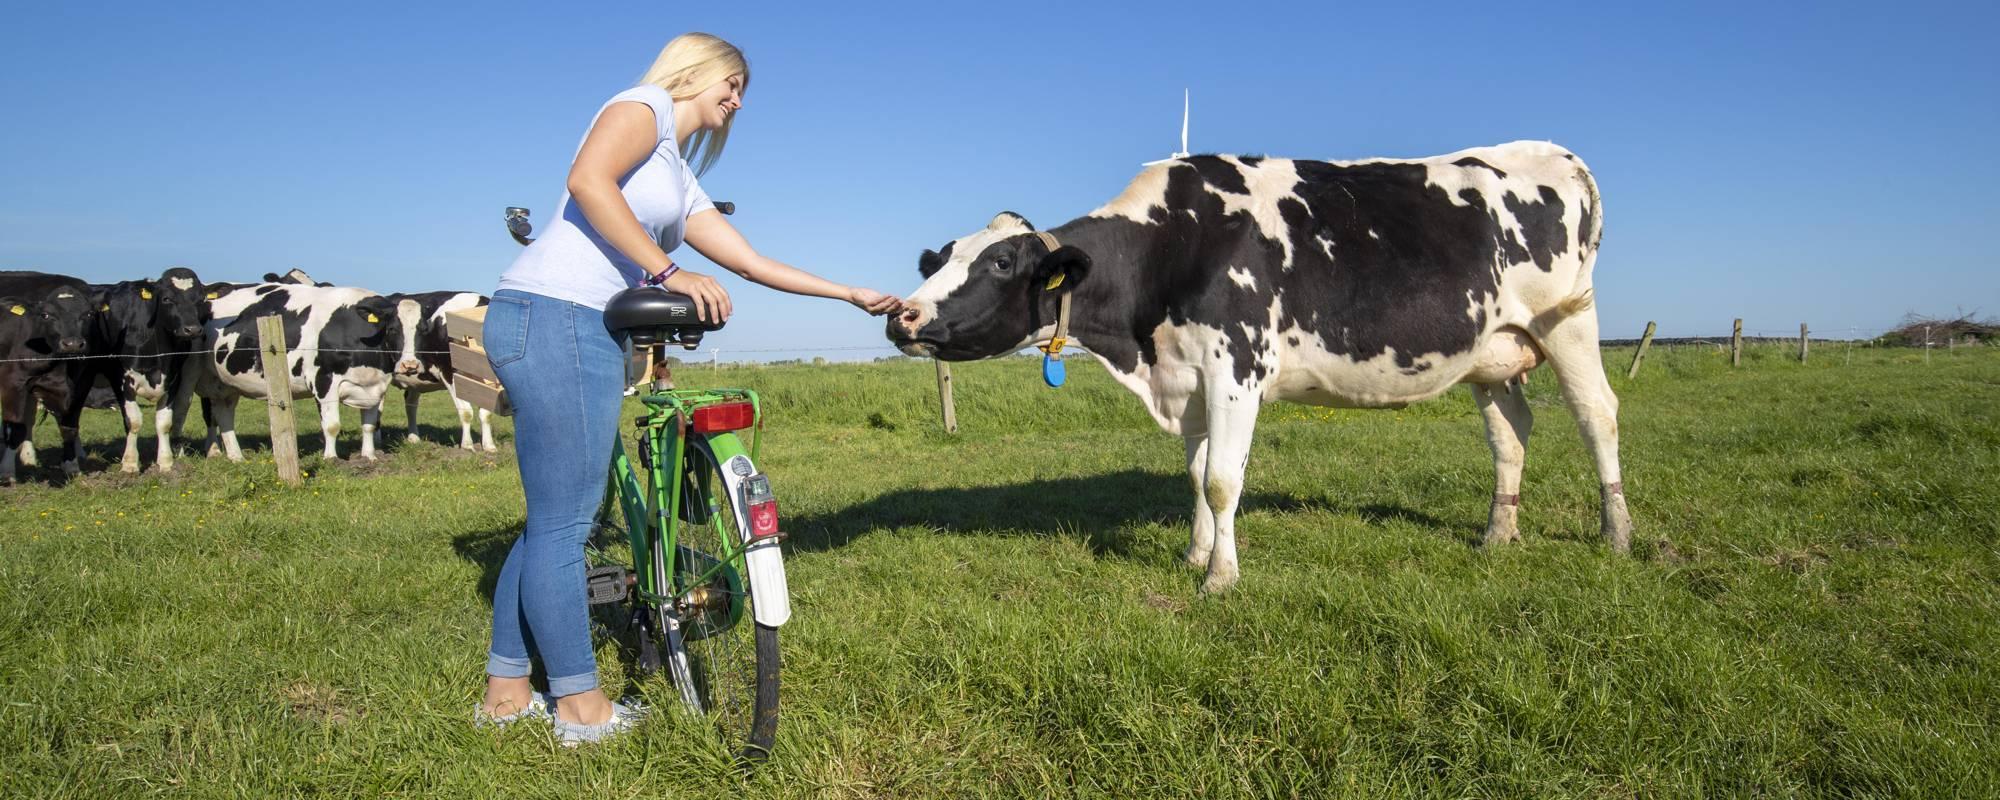 Fahrrad-Tour zu Kartoffel und Kuh